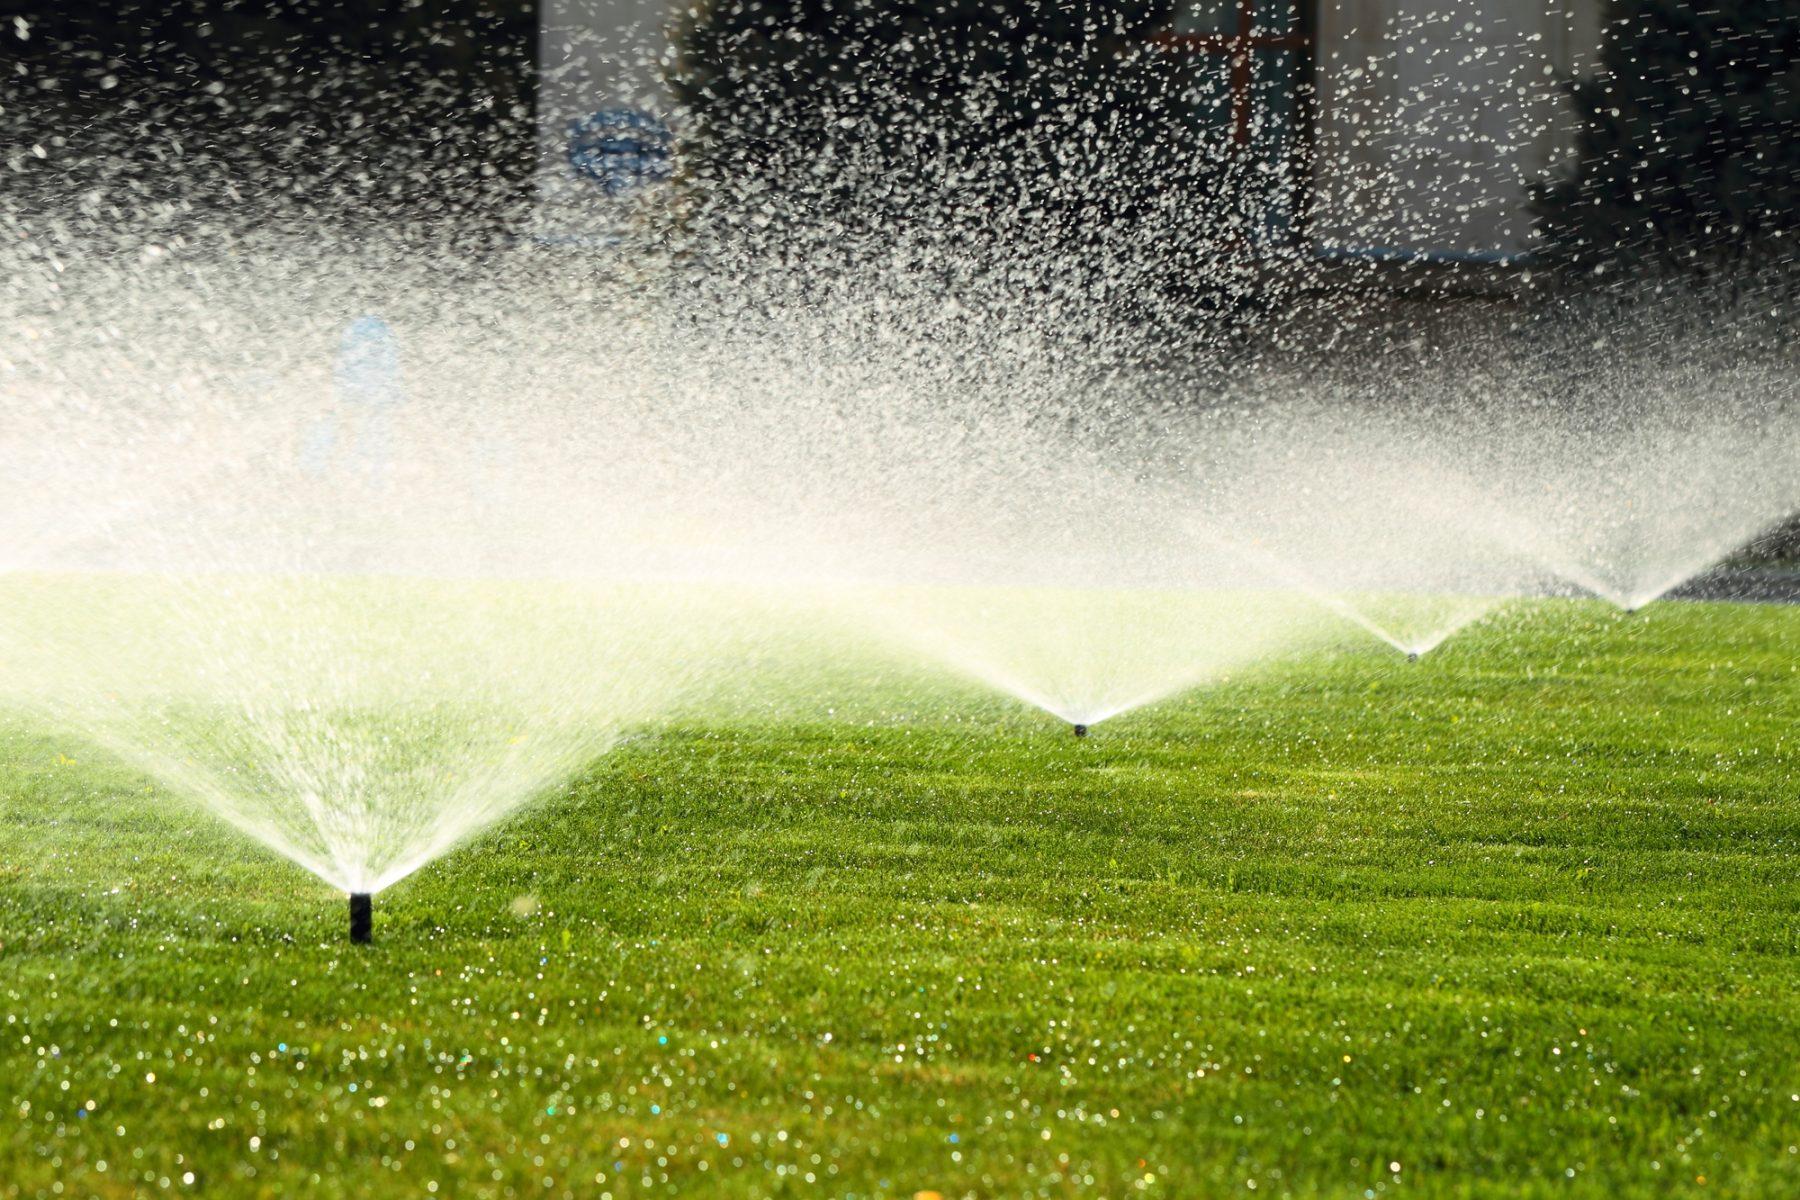 Image for West Linn Sprinkler System Design and Installation